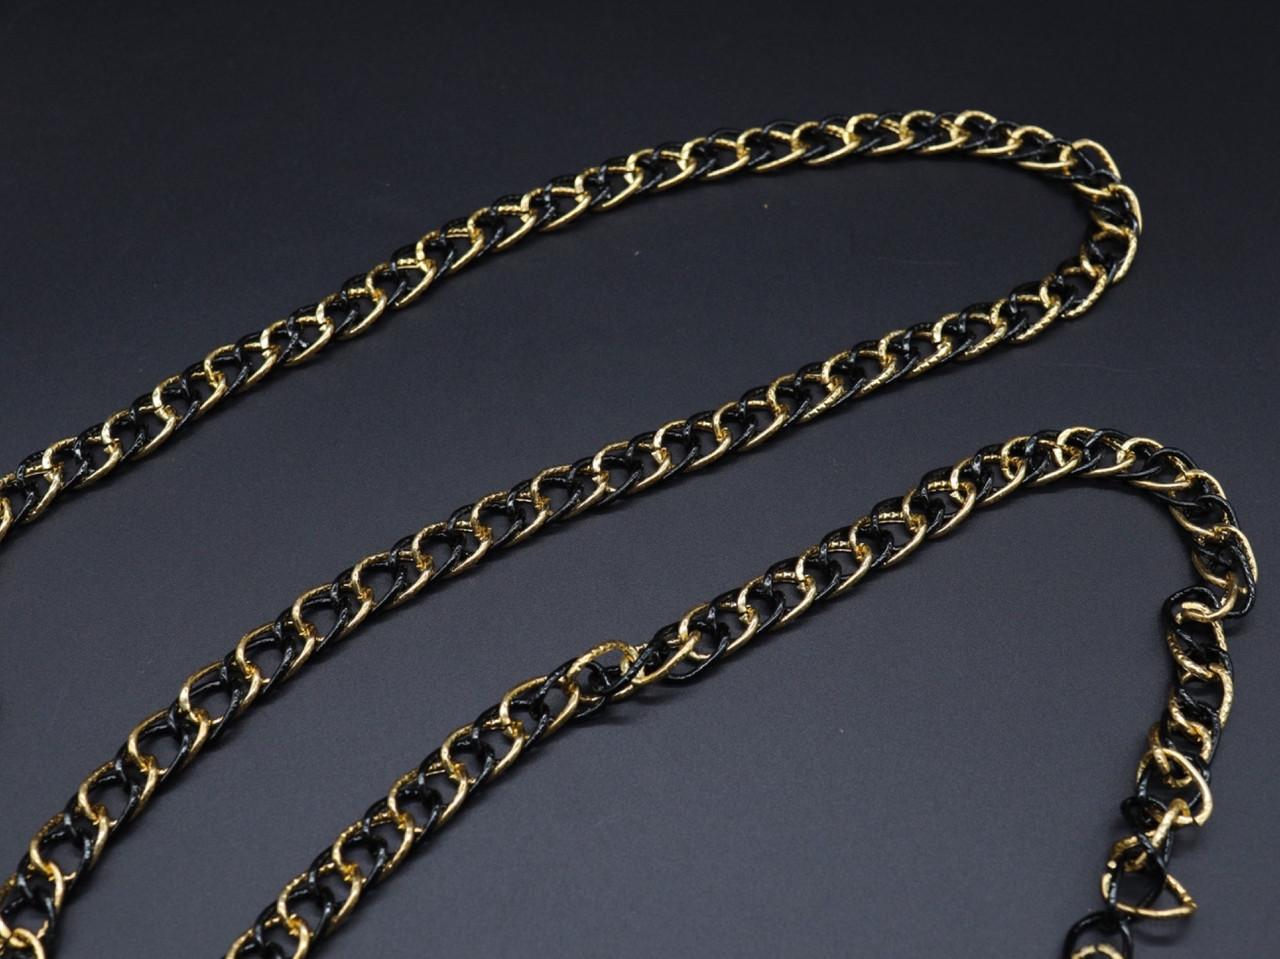 Цепочка для сумок. Цвет золото+черний. 12мм